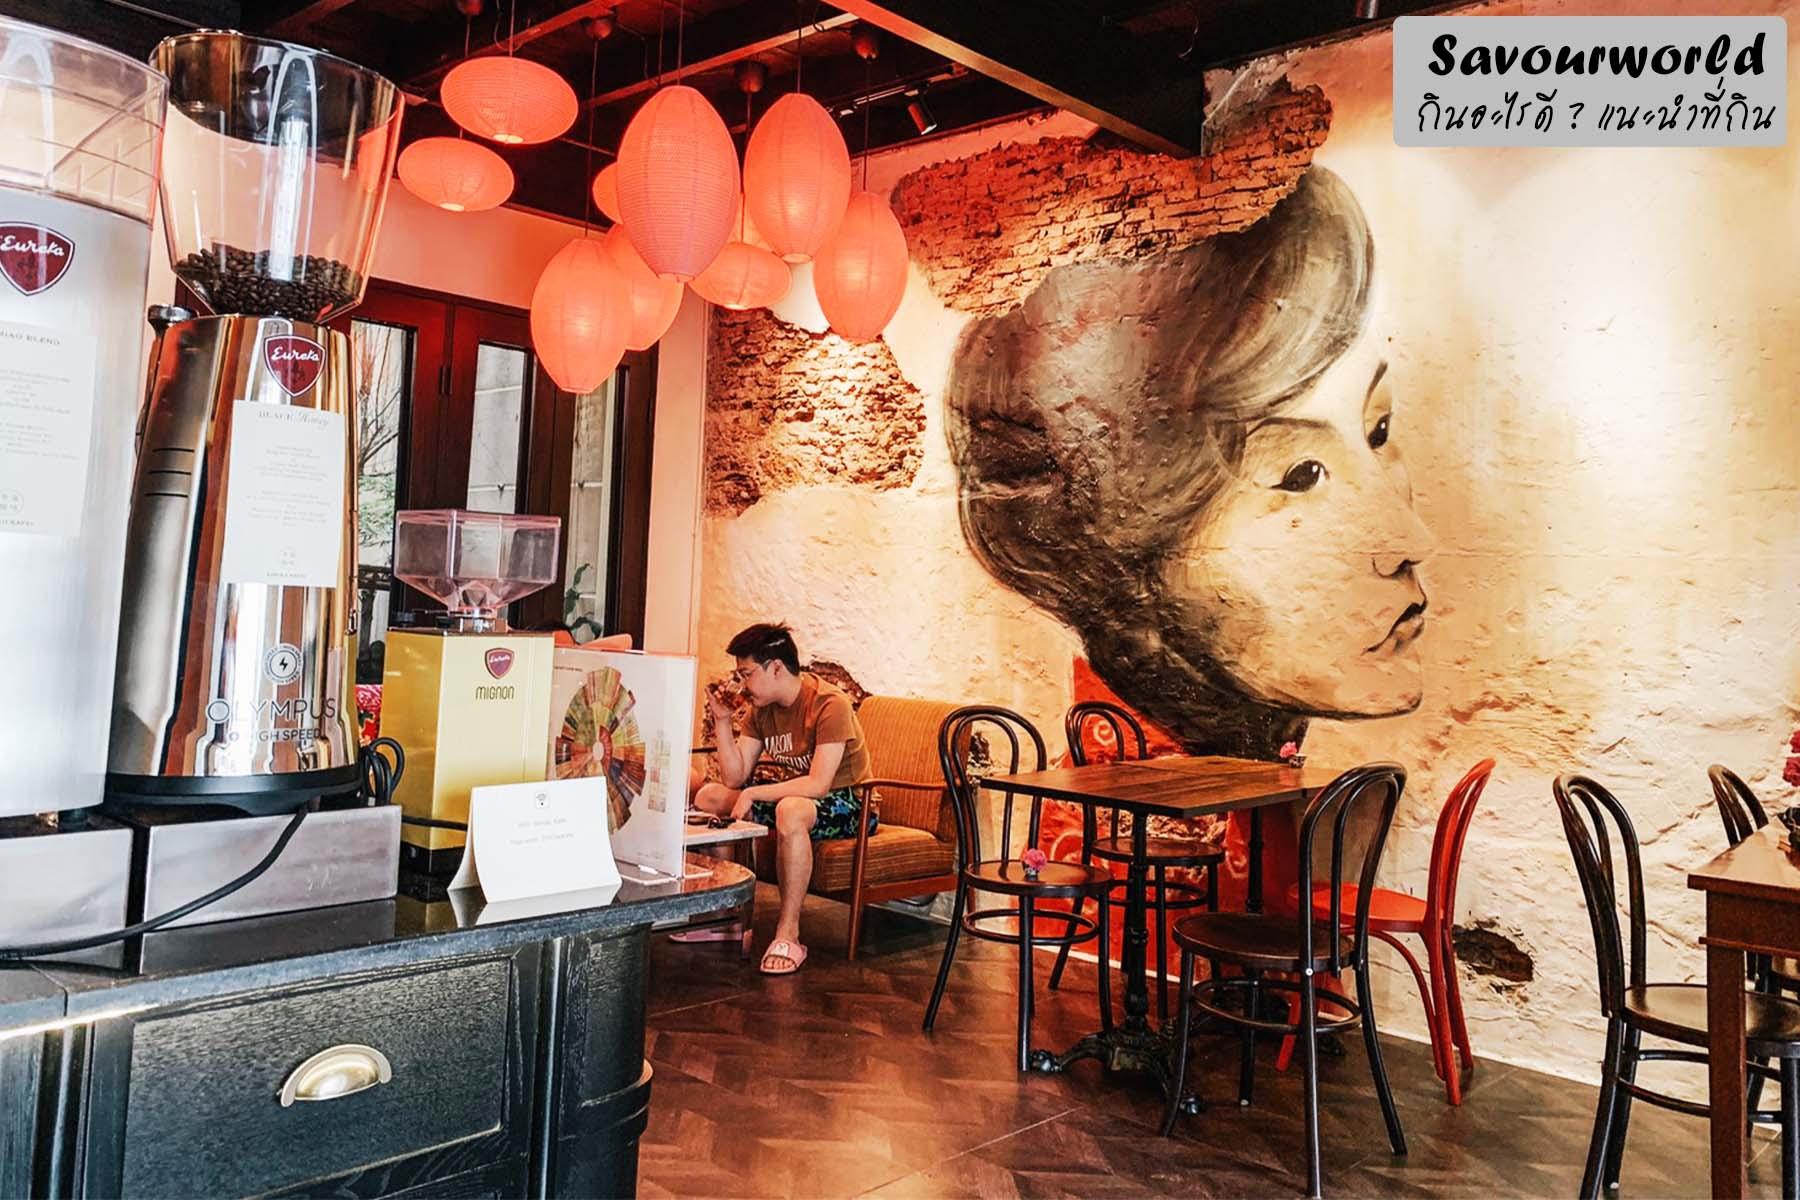 ร้านกาแฟน่านั่งในกรุงเทพ ตกแต่งสวย บรรยา - savourworld.com